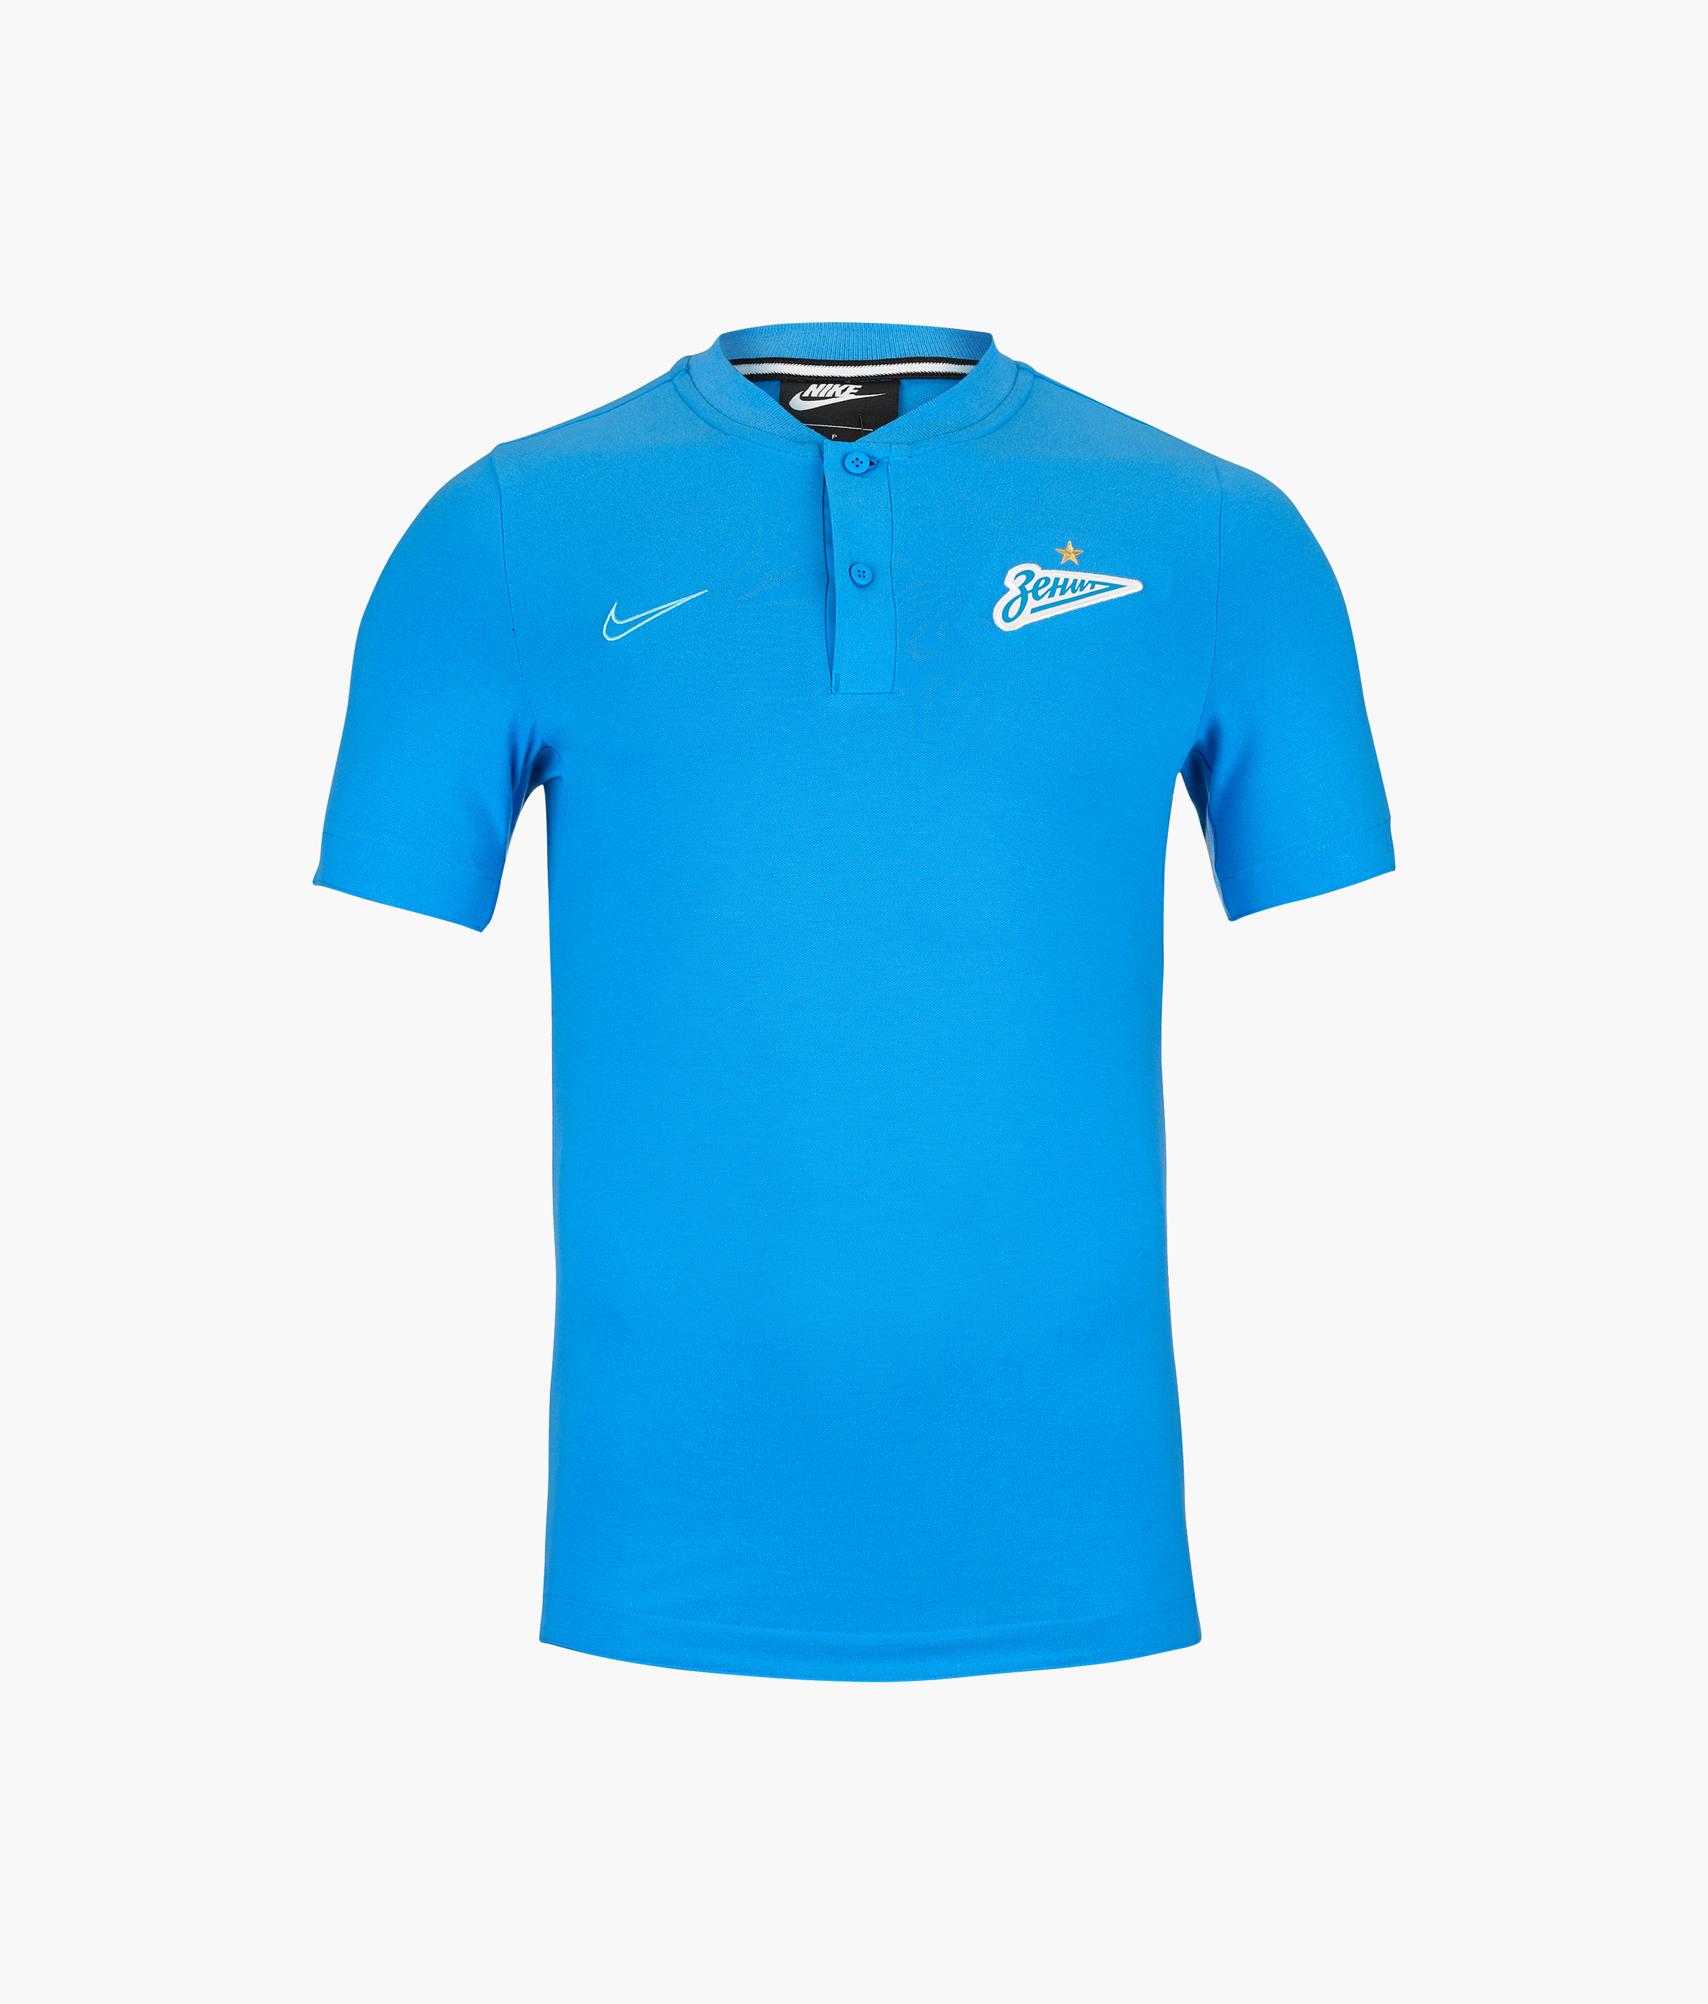 Поло Nike Zenit сезона 2019/20 Nike Цвет-Синий цена 2017